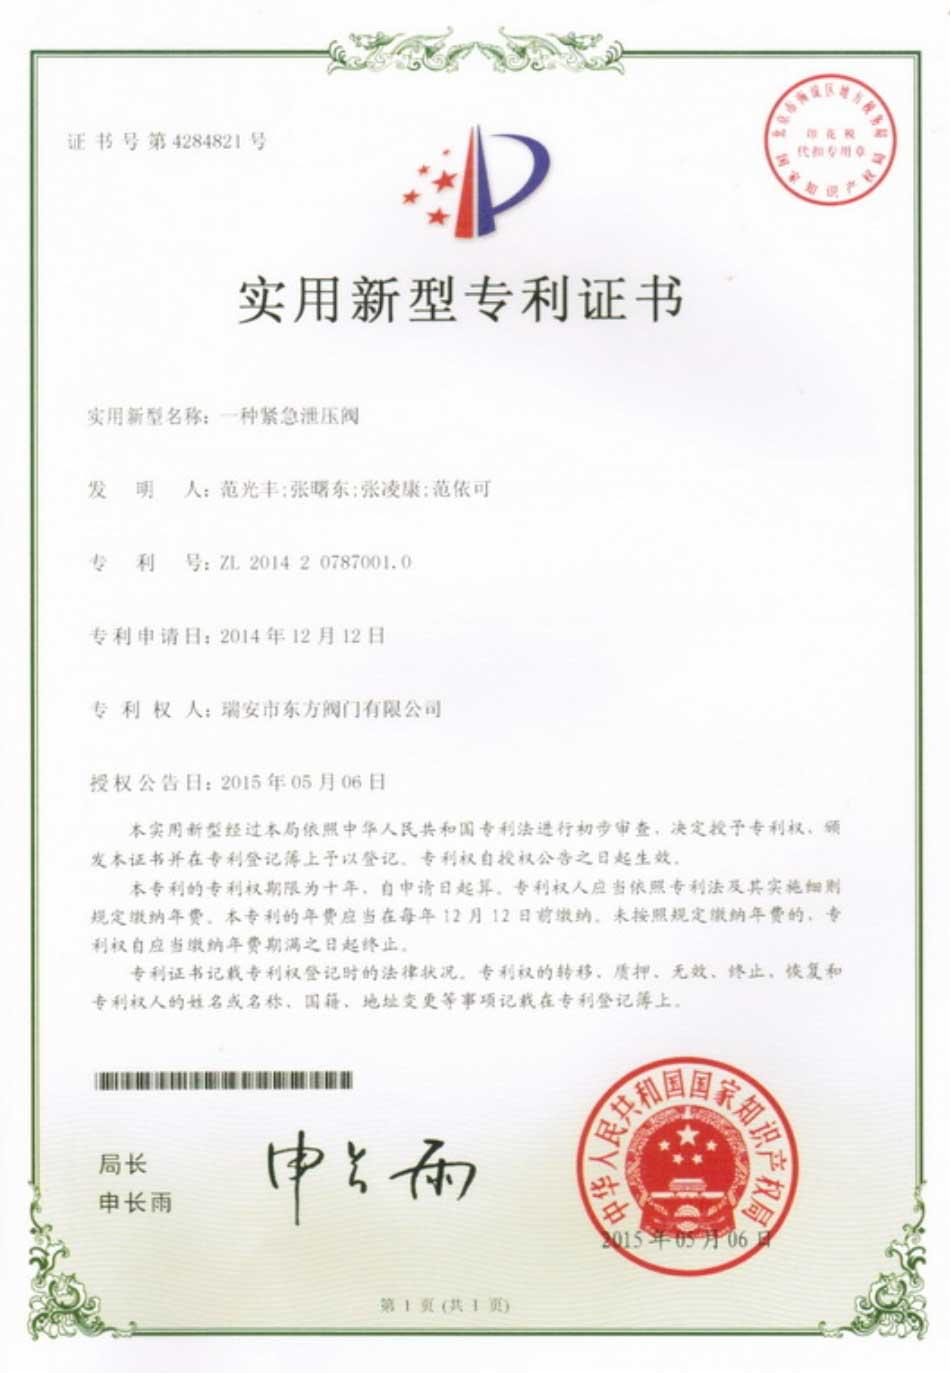 实用新型专用证书